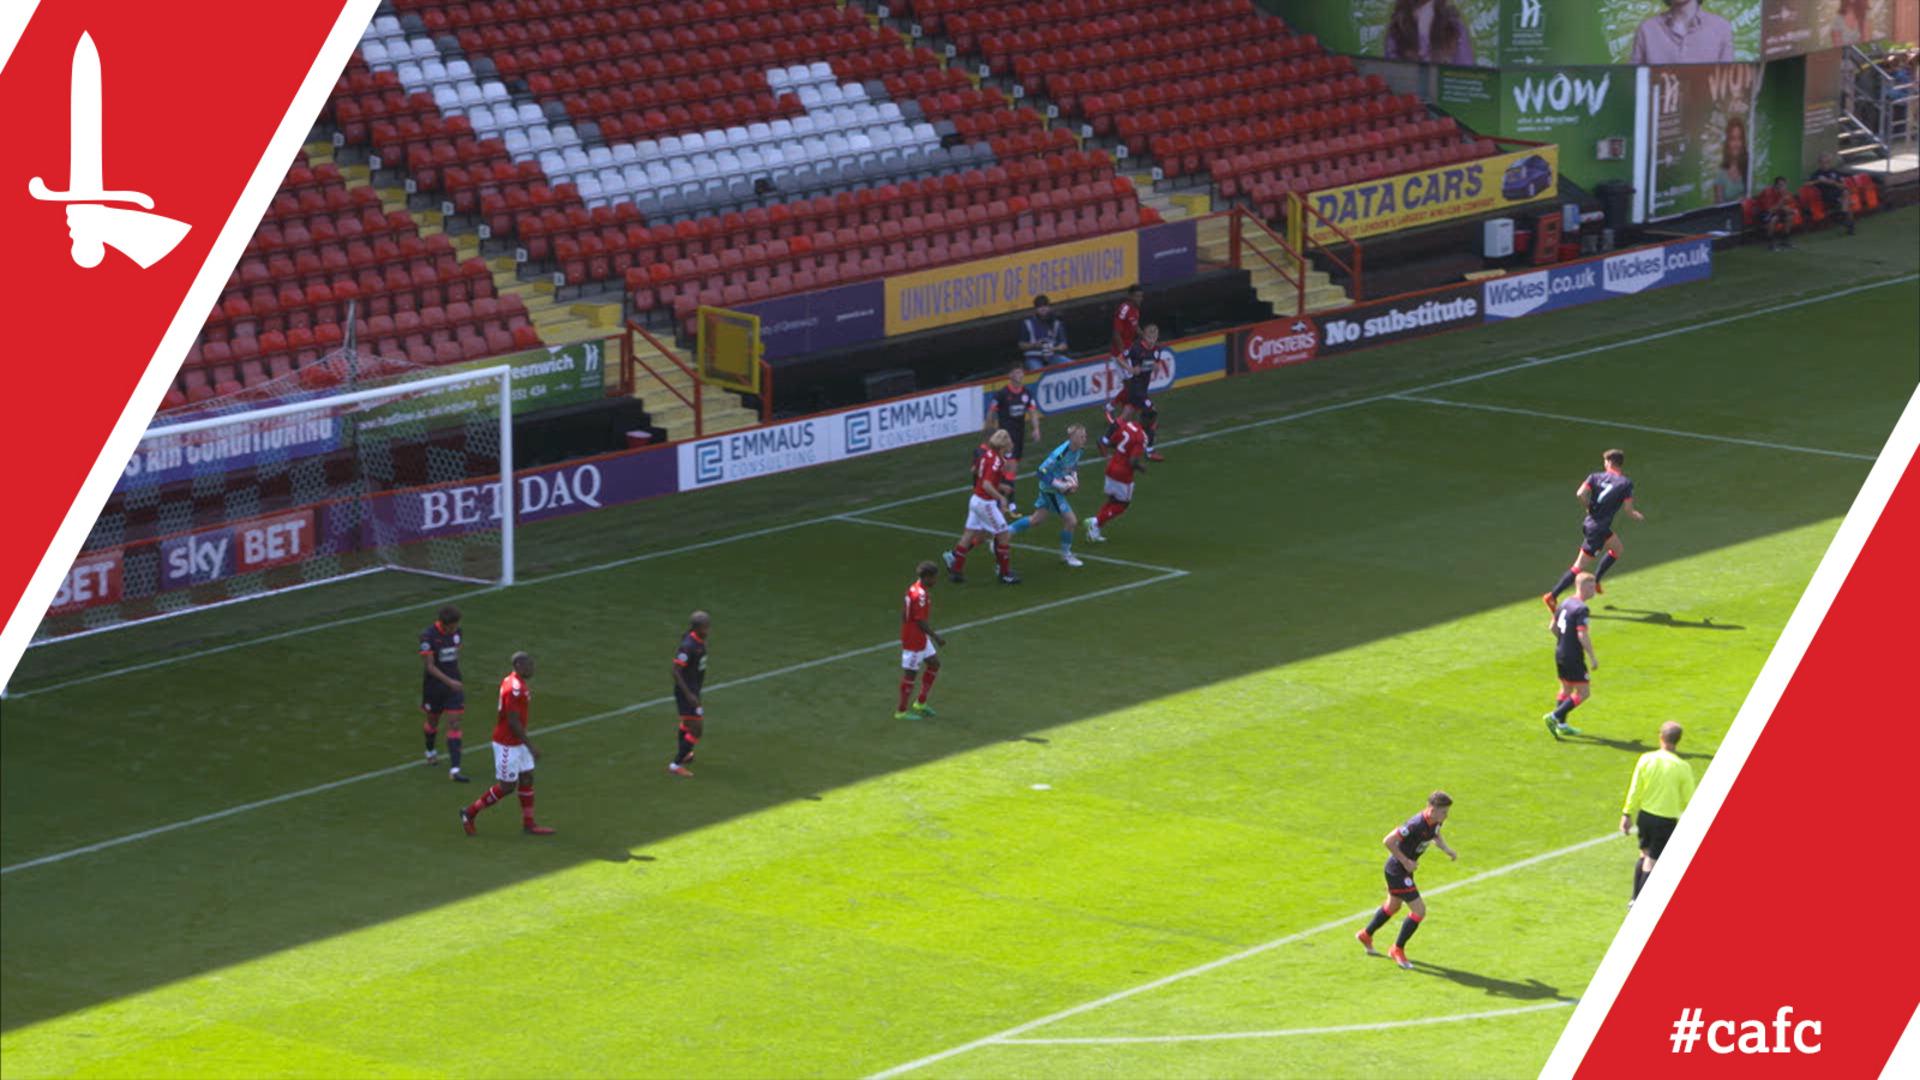 U23 HIGHLIGHTS | Charlton 0 Huddersfield 0